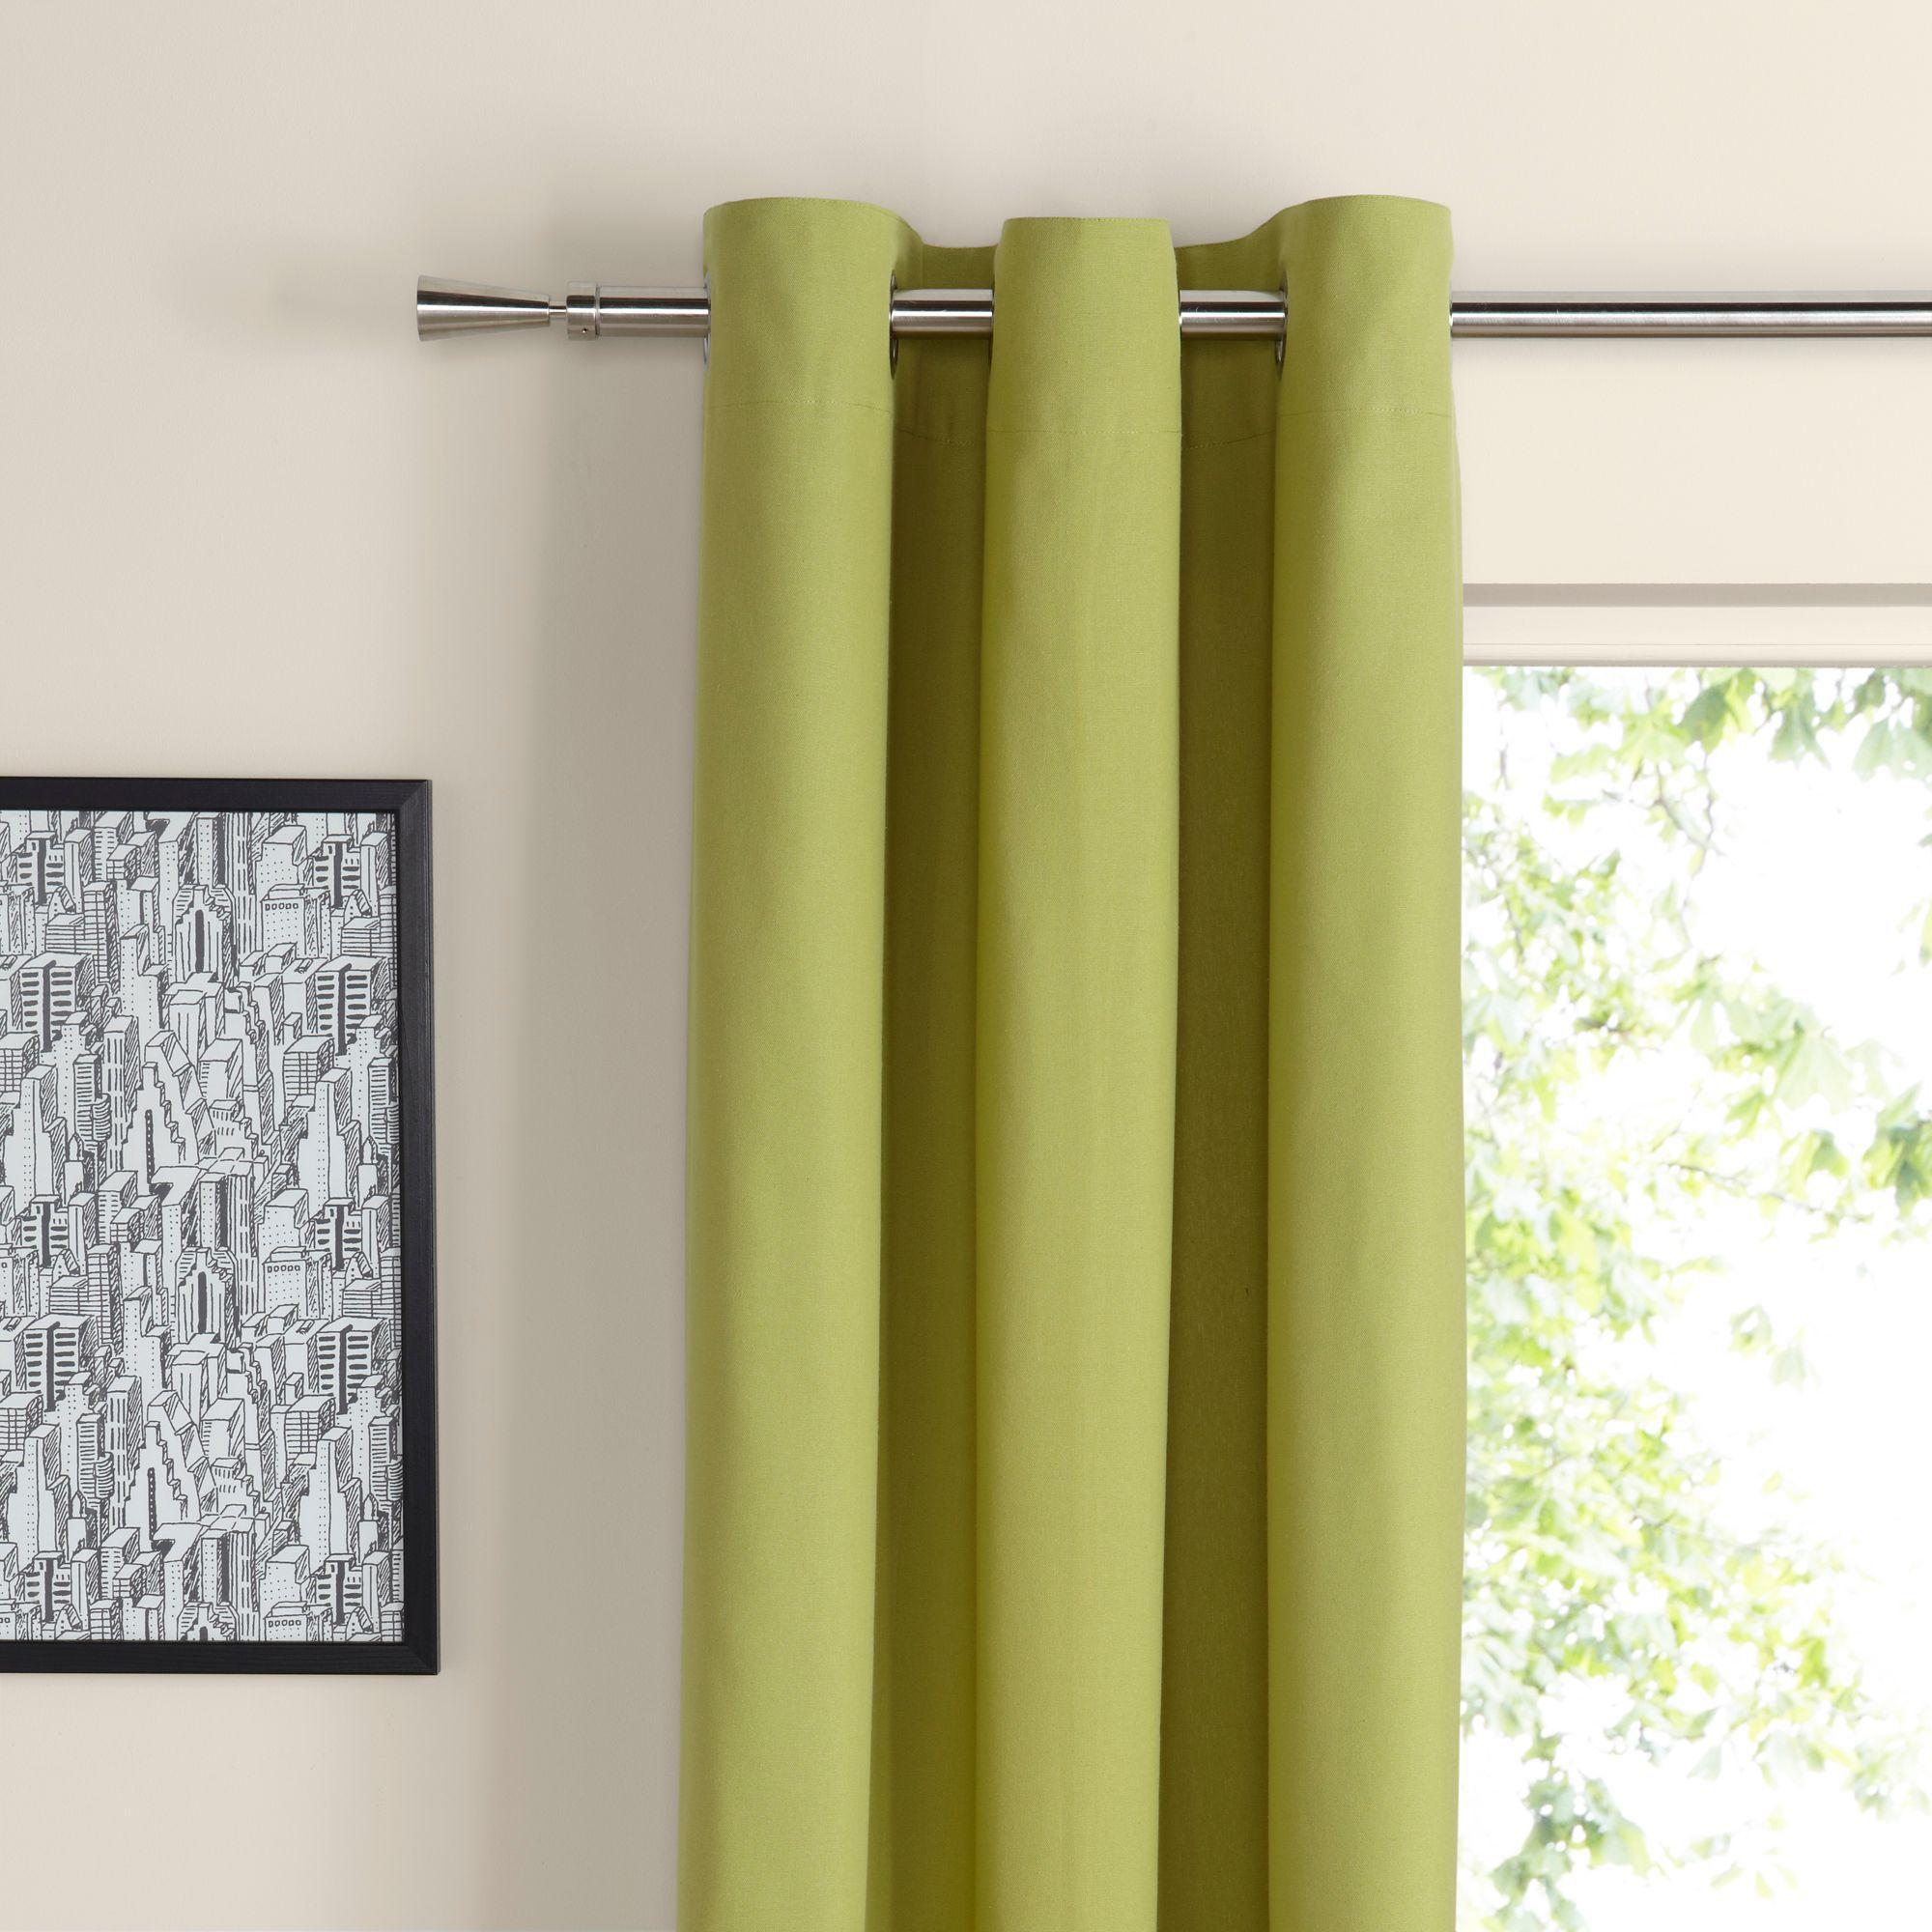 Zen Lime Plain Eyelet Curtains (W)167 cm (L)183 cm | Departments | DIY at B&Q.